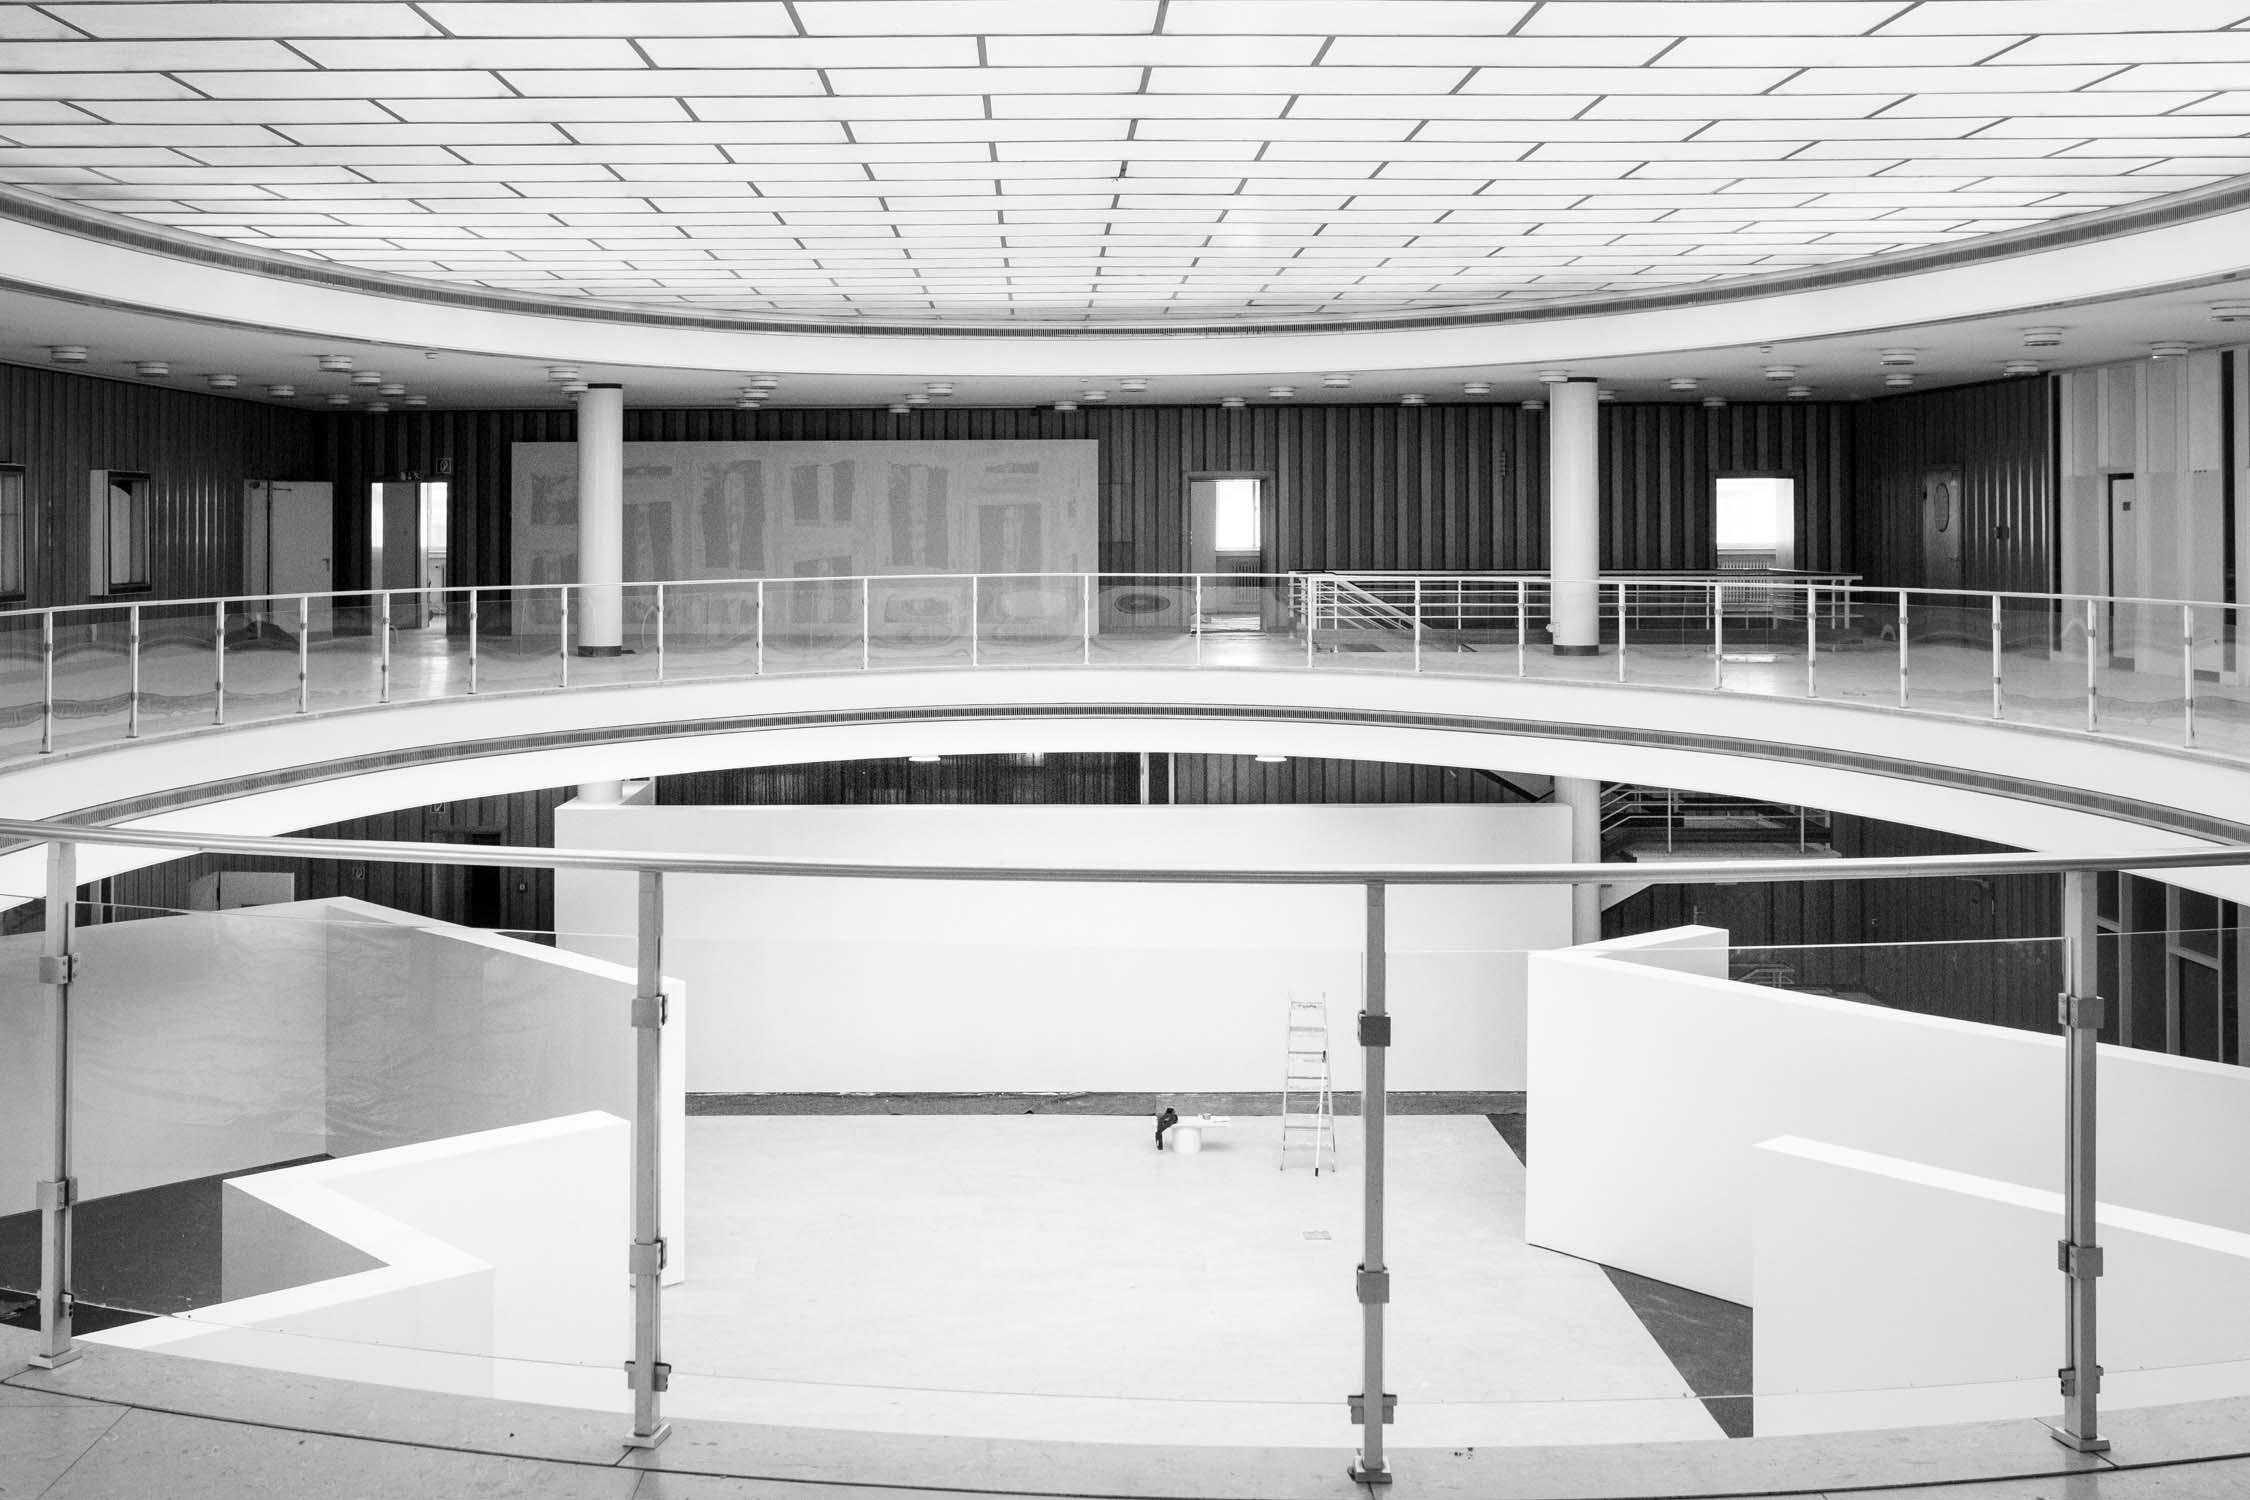 die bielefelder schule innenraum leer weiße wände Dokumentation ausstellung bielefeld fh gestaltung jörn strojny